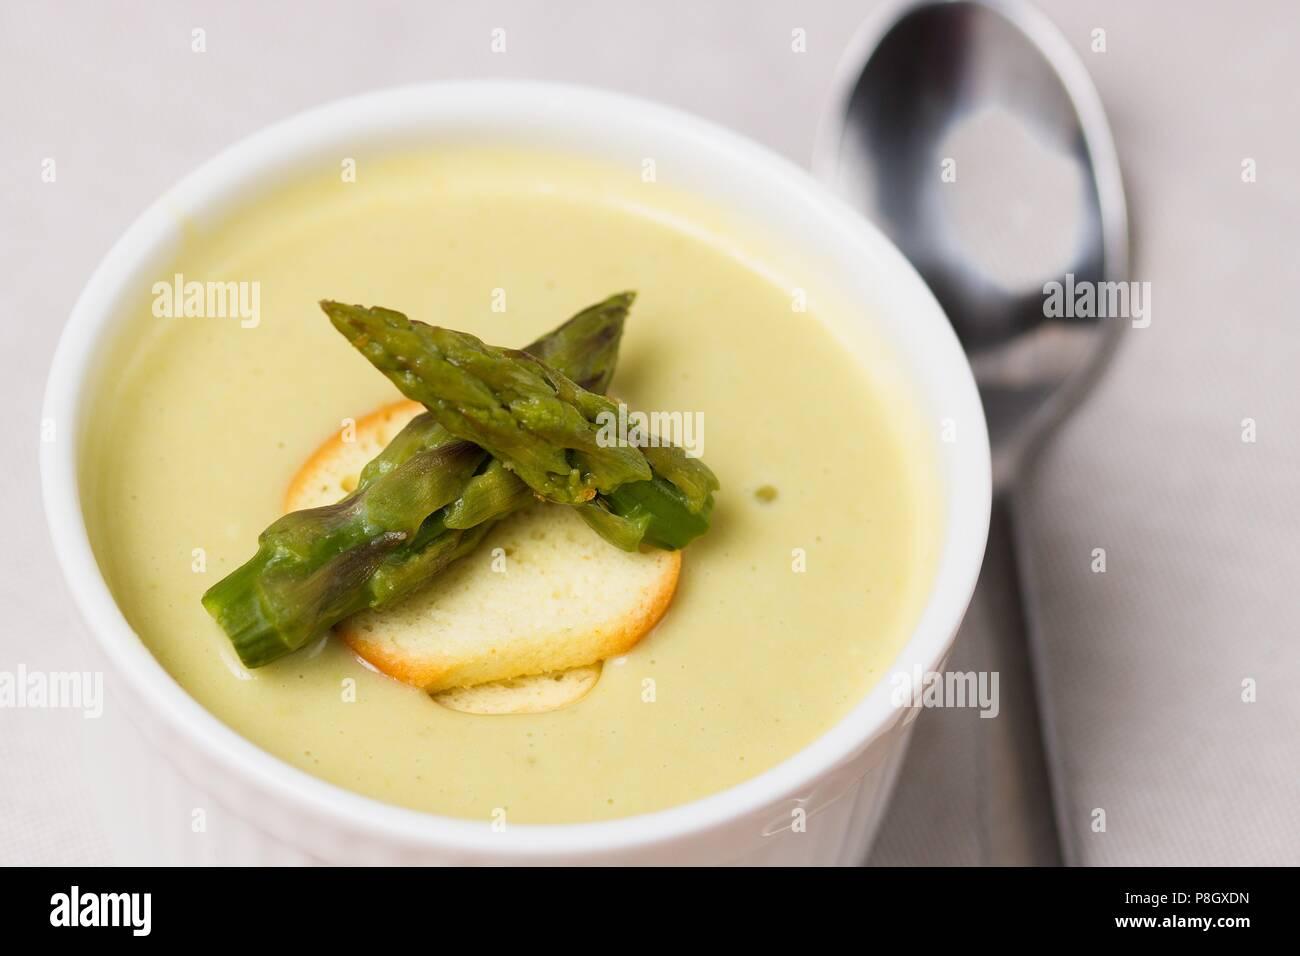 Asparagus Soup In Soup Bowl Stock Photos   Asparagus Soup In Soup ... 4ccf2286c73a